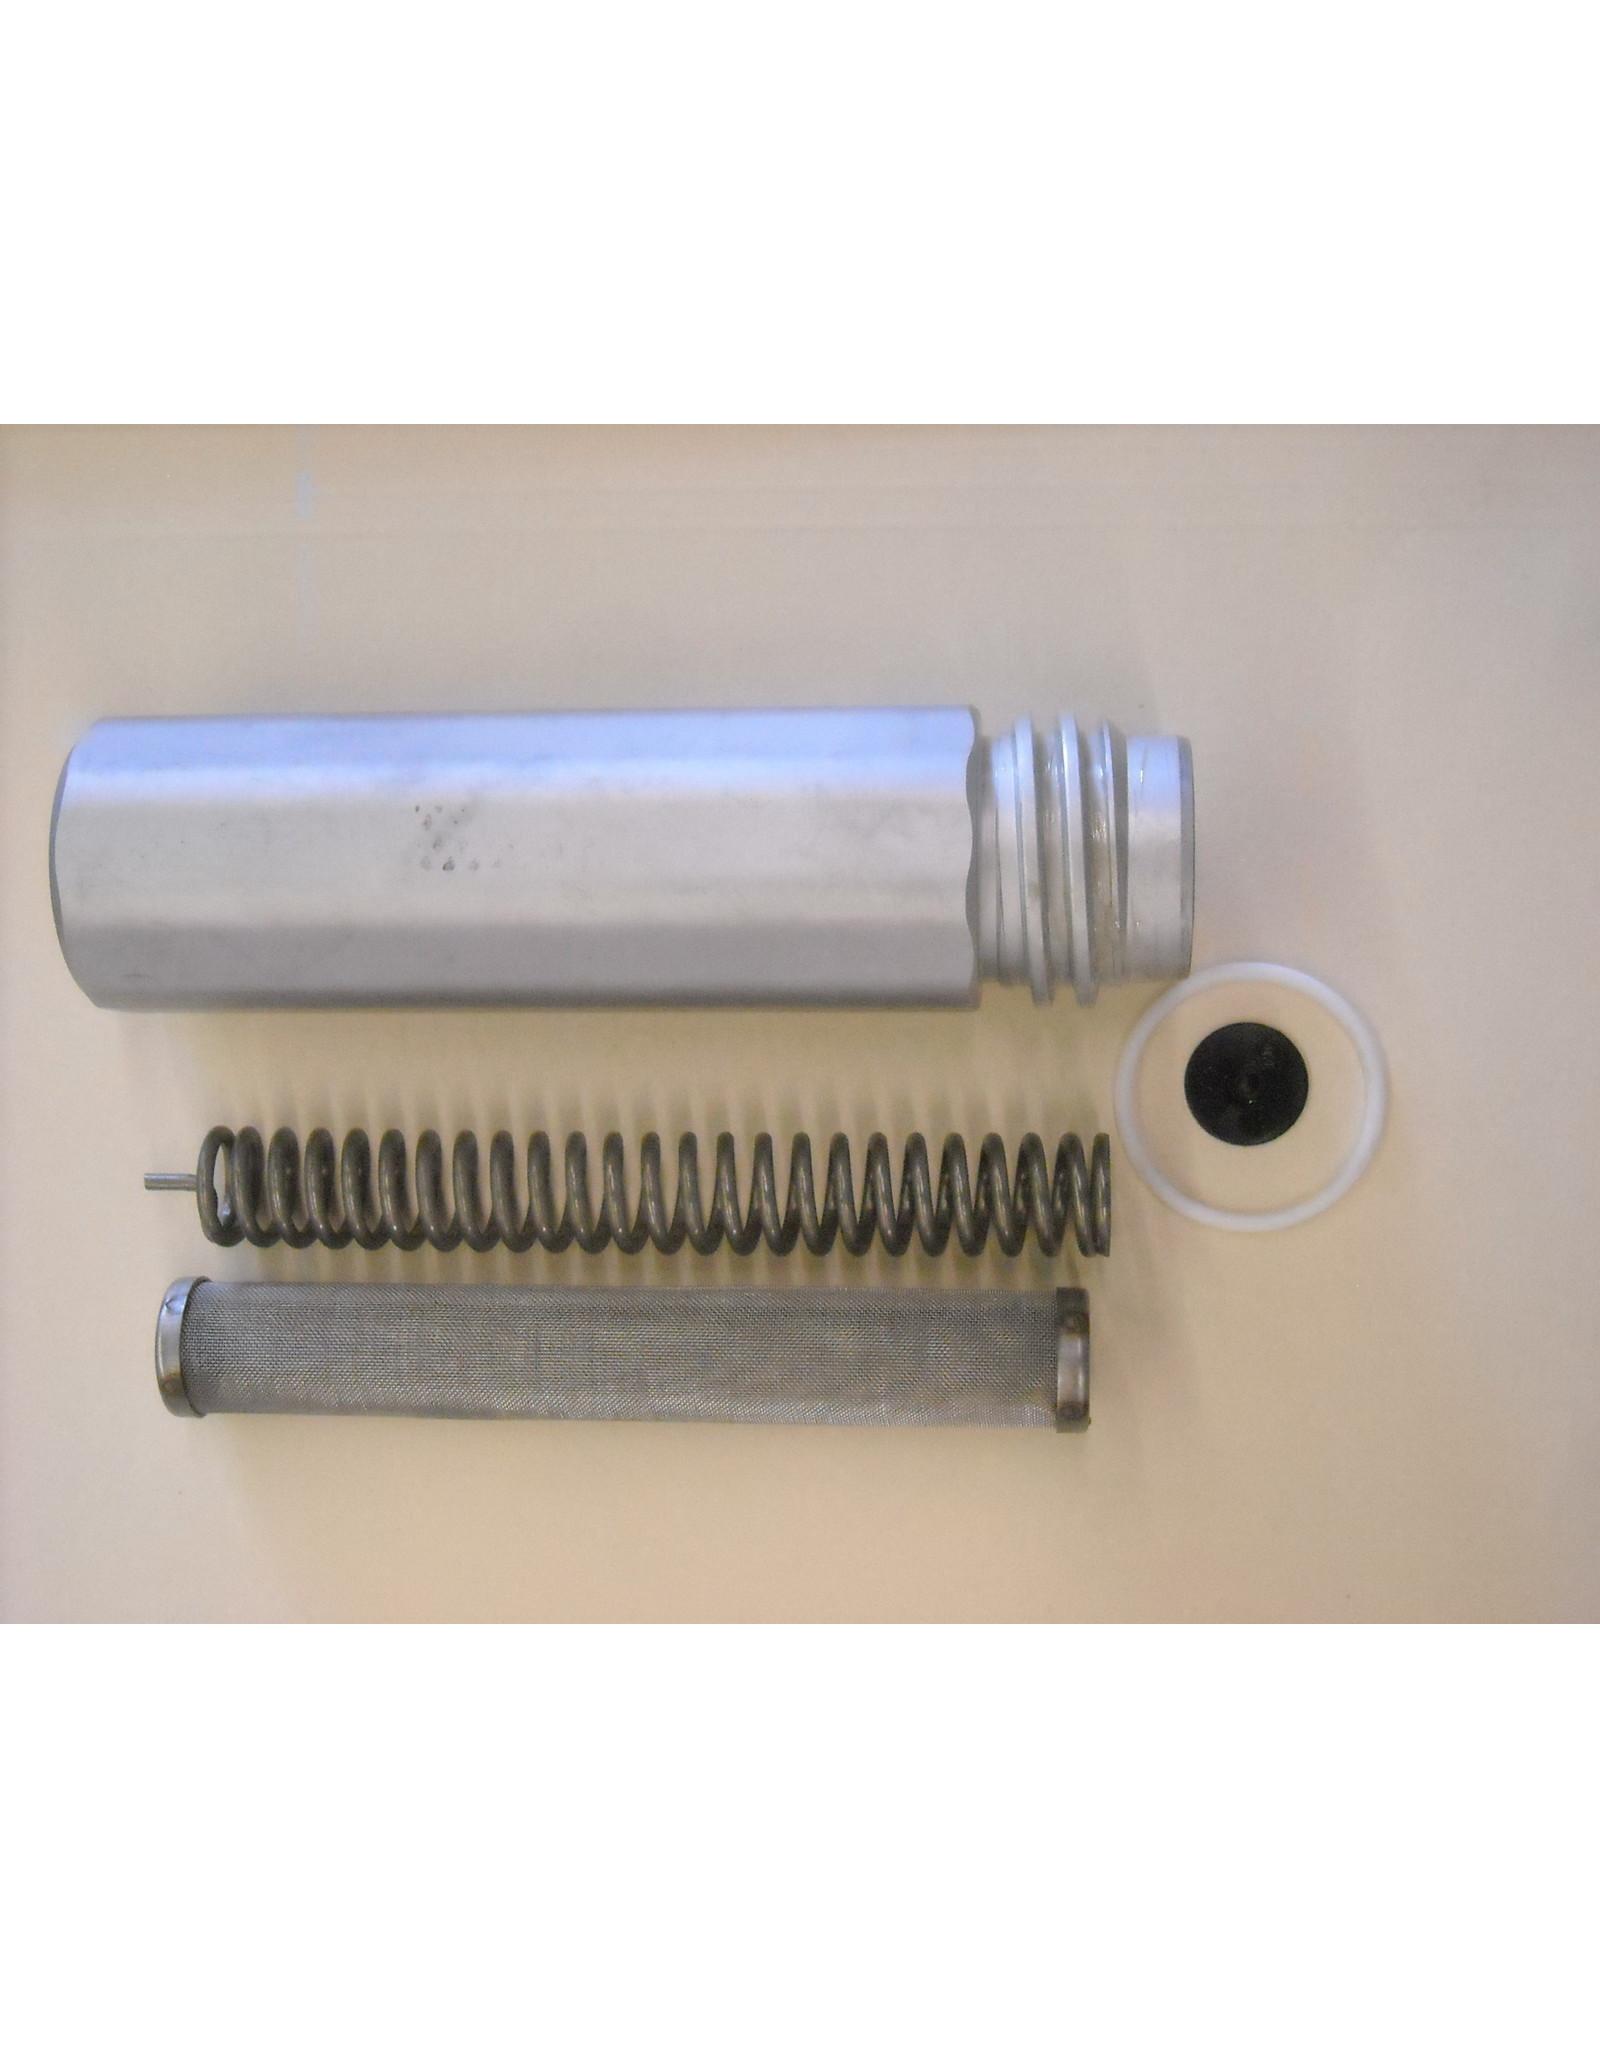 Titan 730-067-252 Outlet Filter Kit (Major)